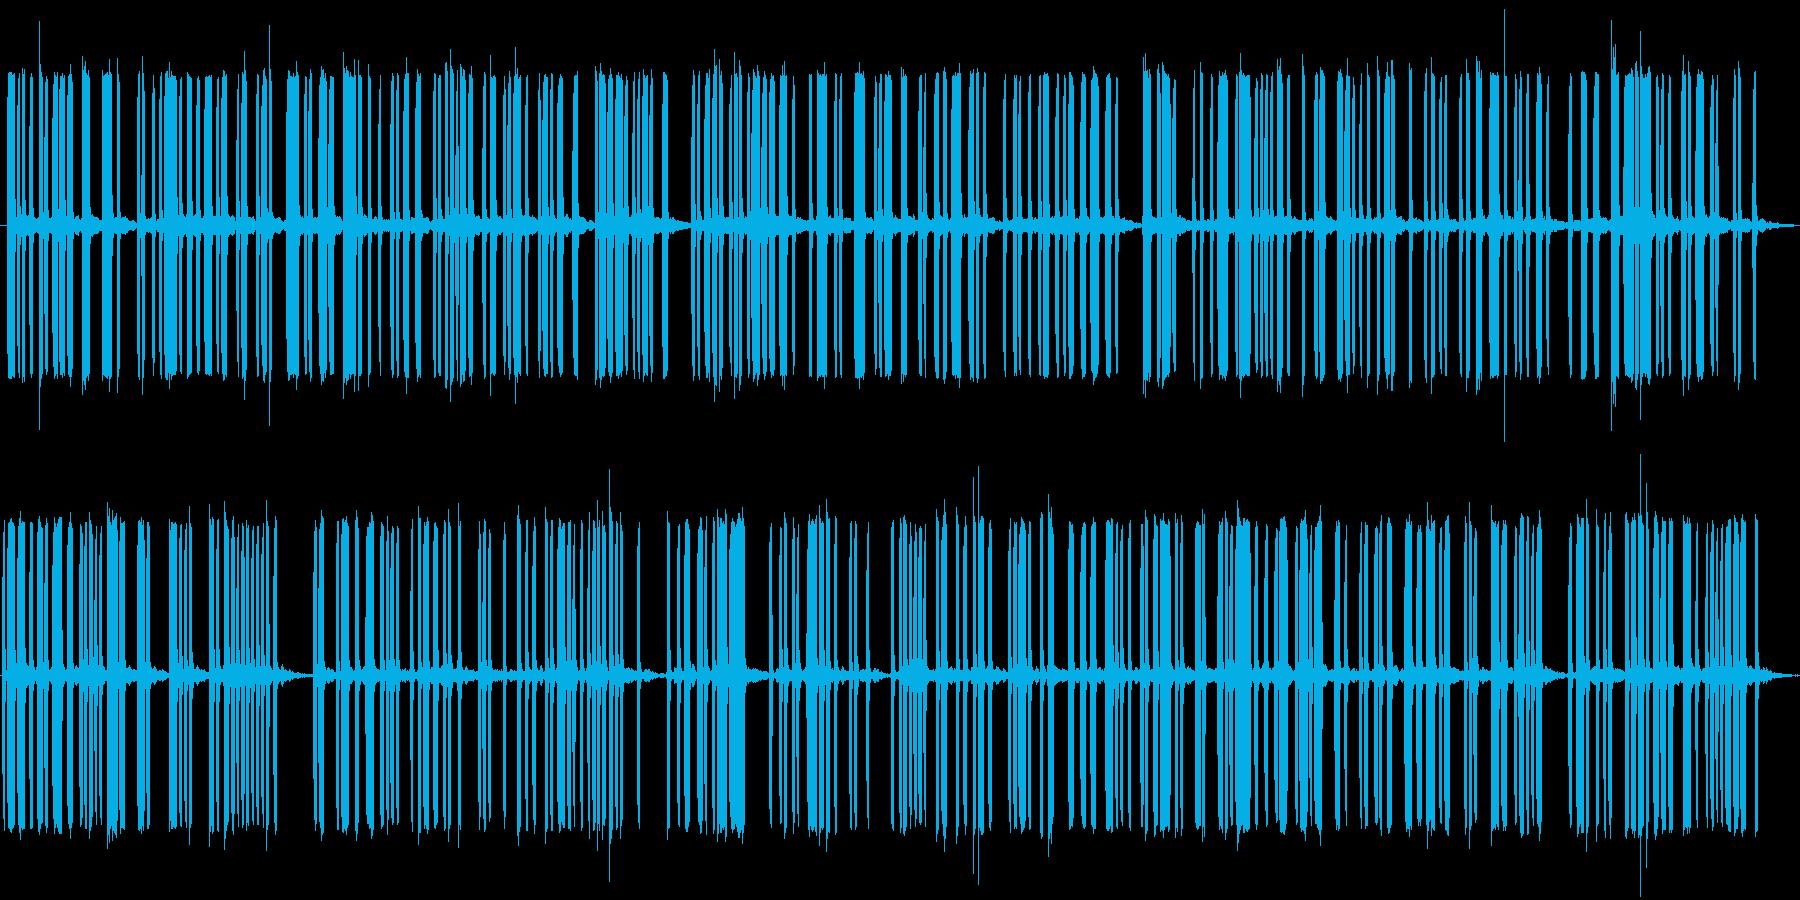 電気信号の再生済みの波形